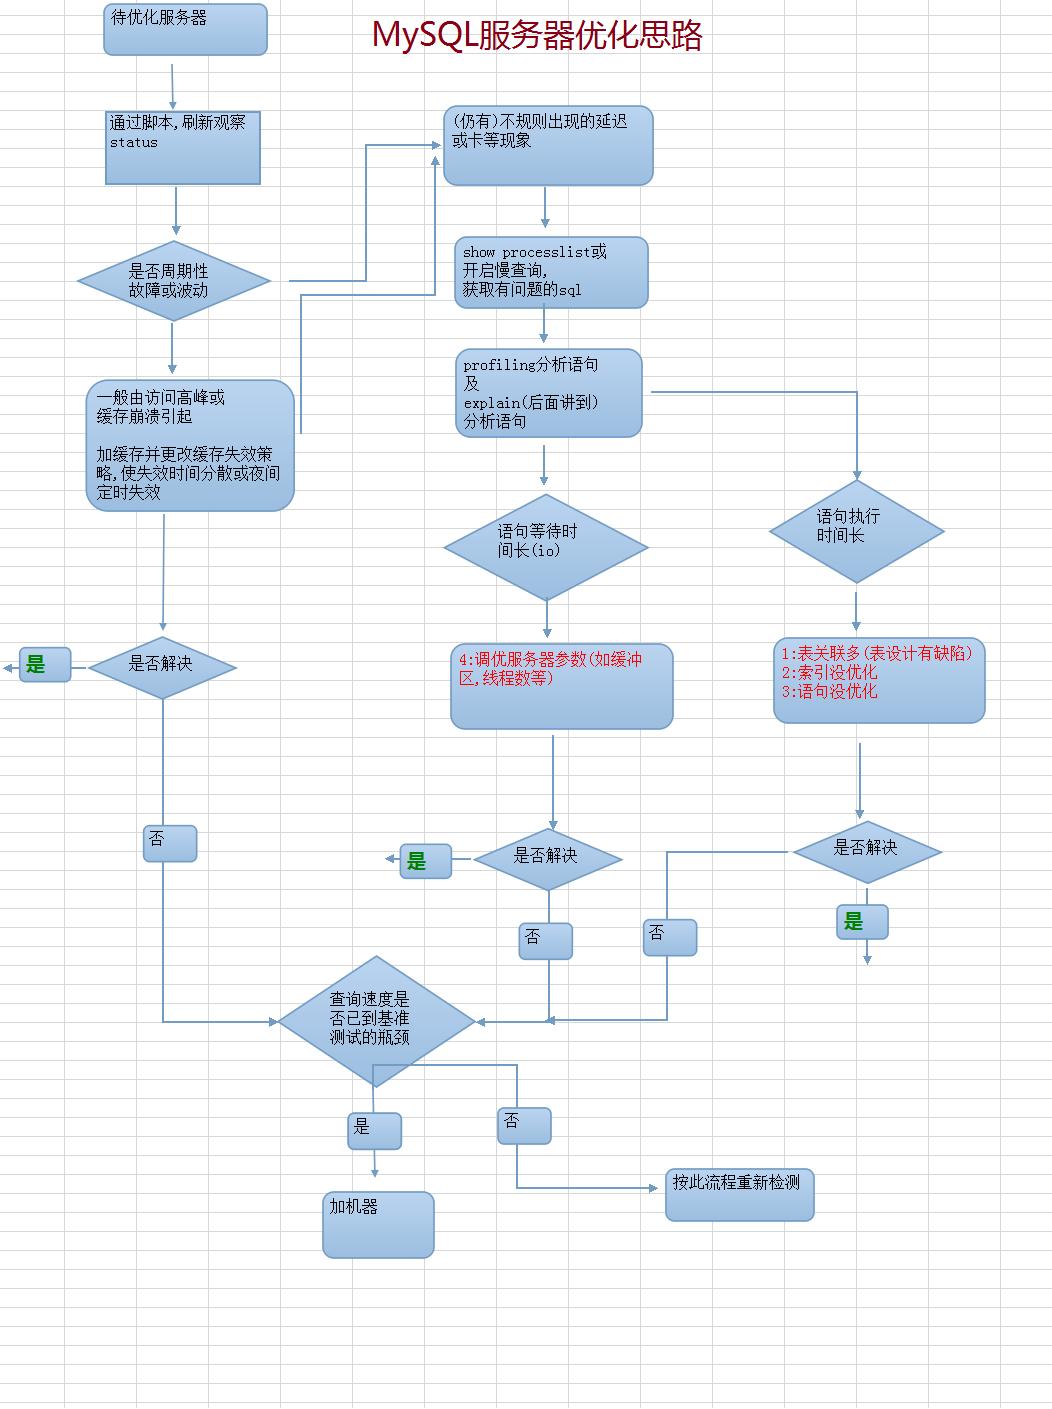 MySQL服务器调优思路